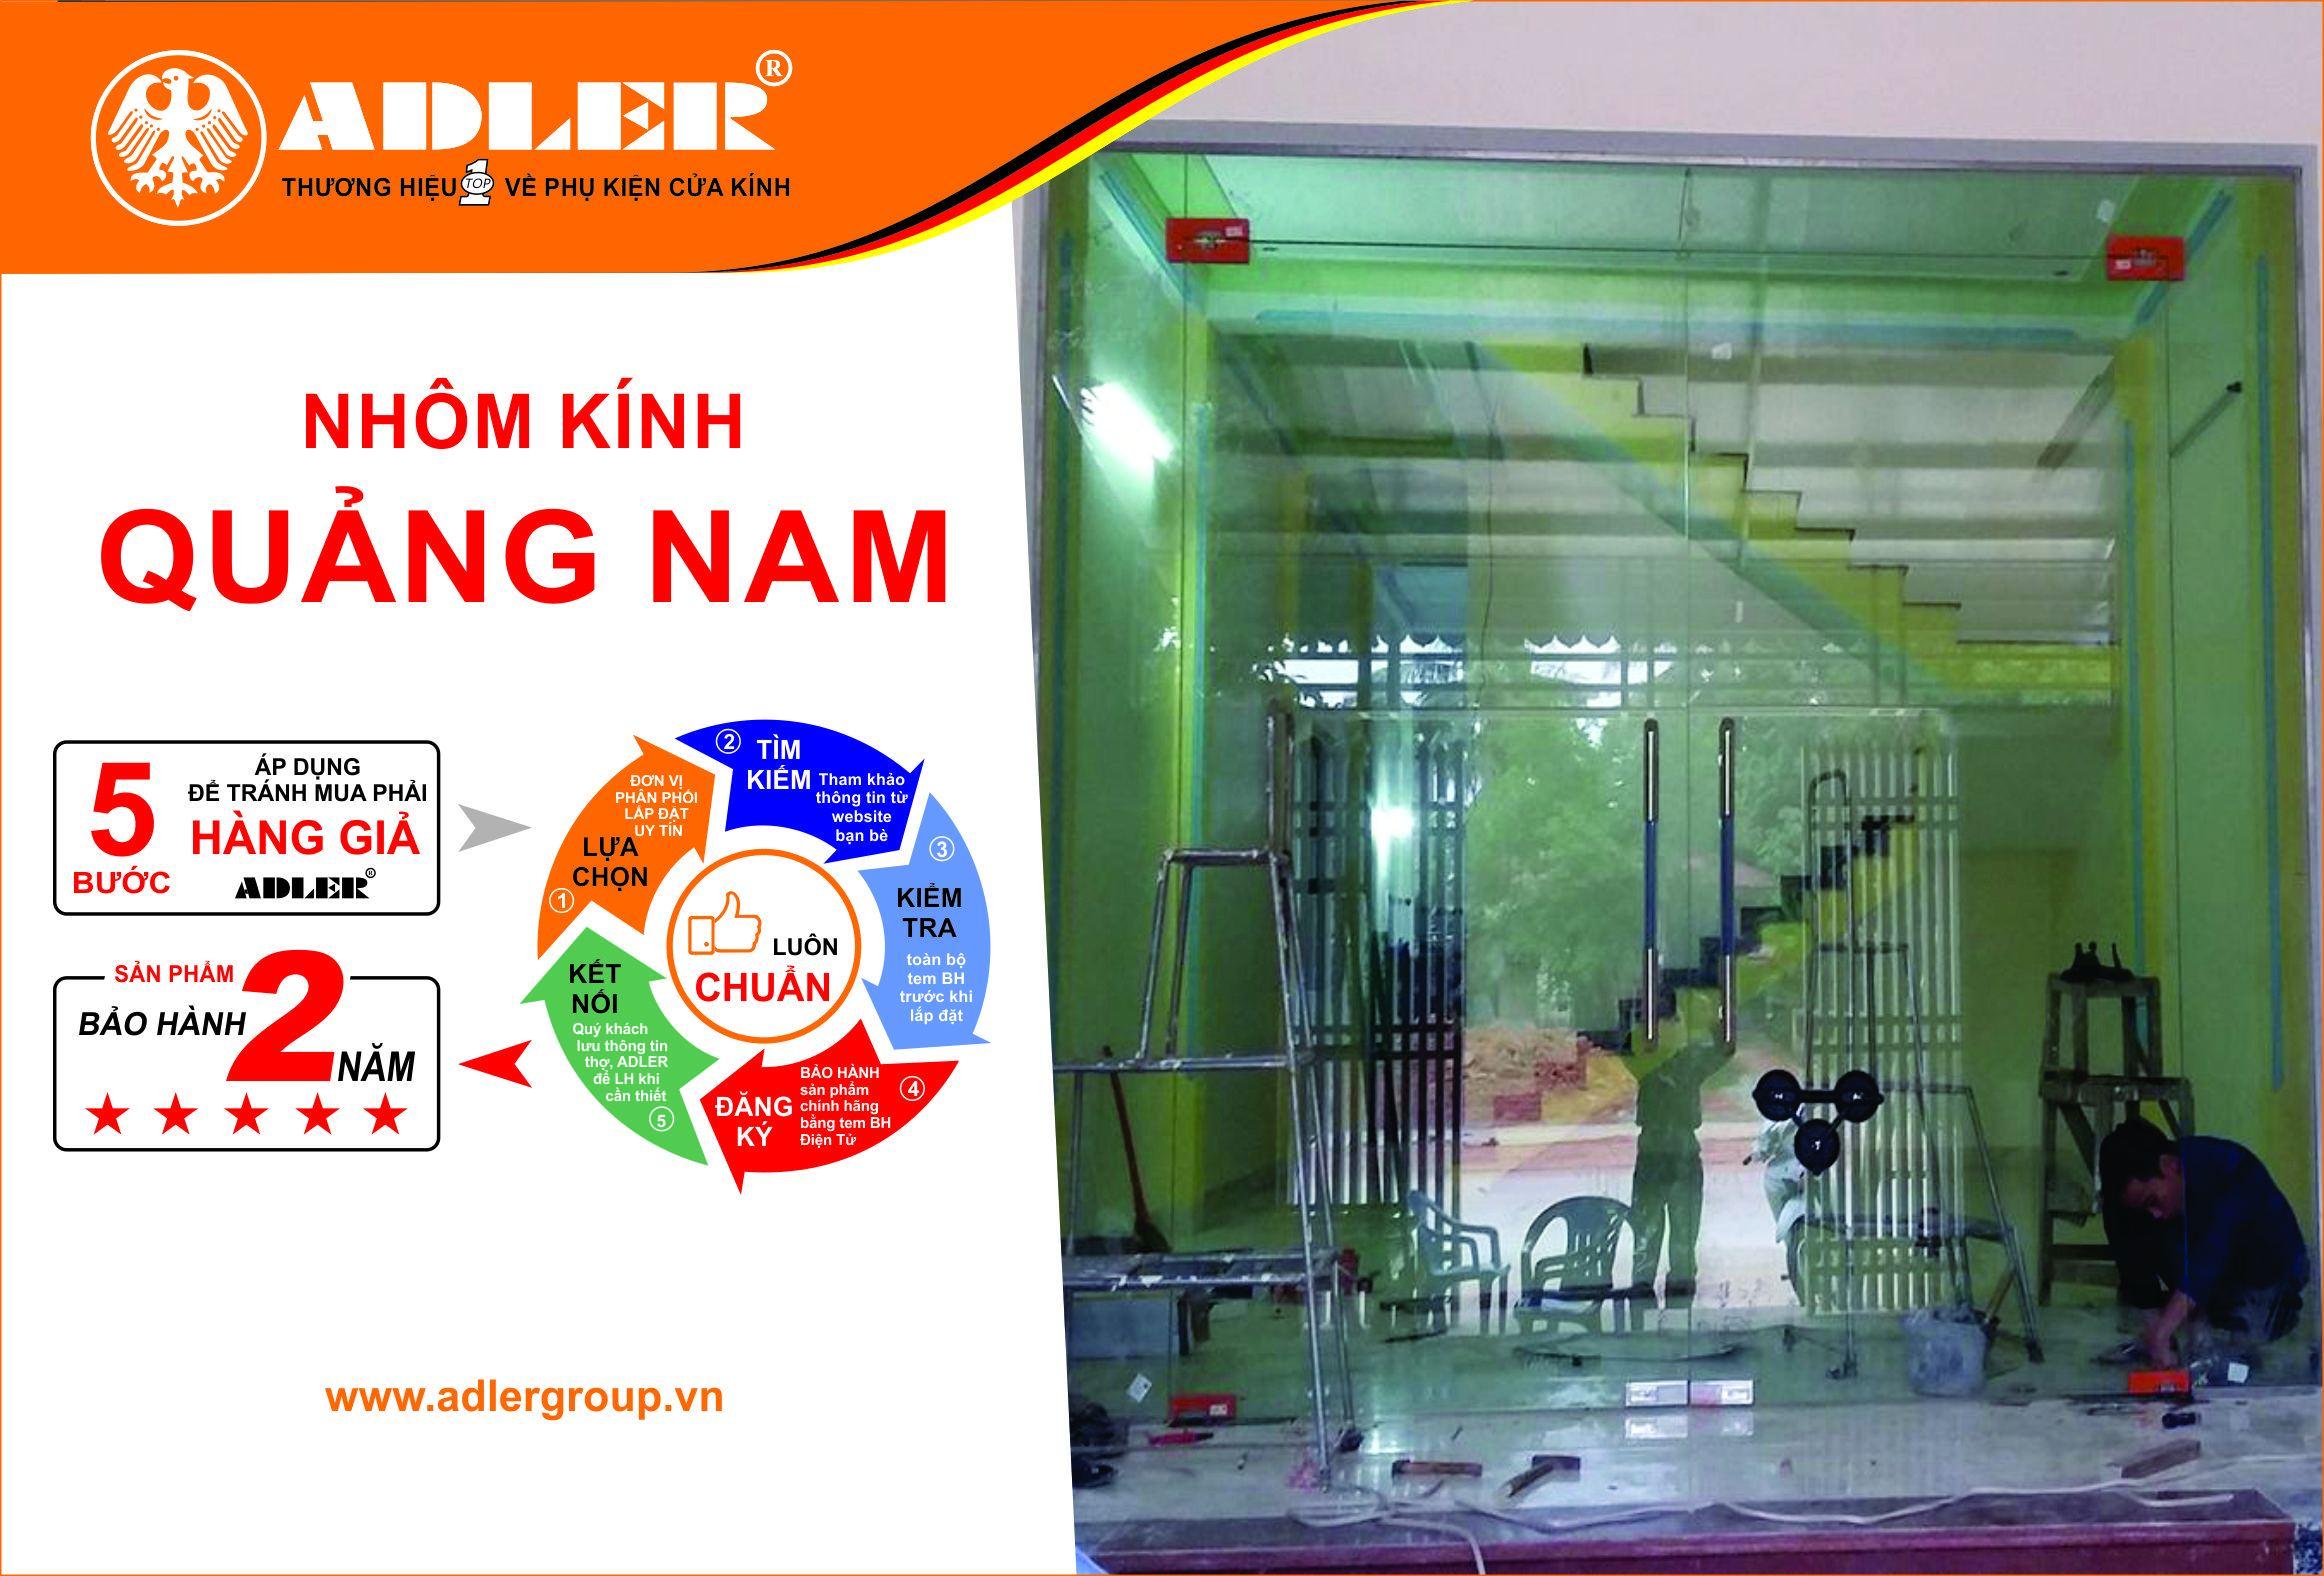 Cùng nhôm kính Quảng Nam trang trí bộ cửa kính với sản phẩm Adler